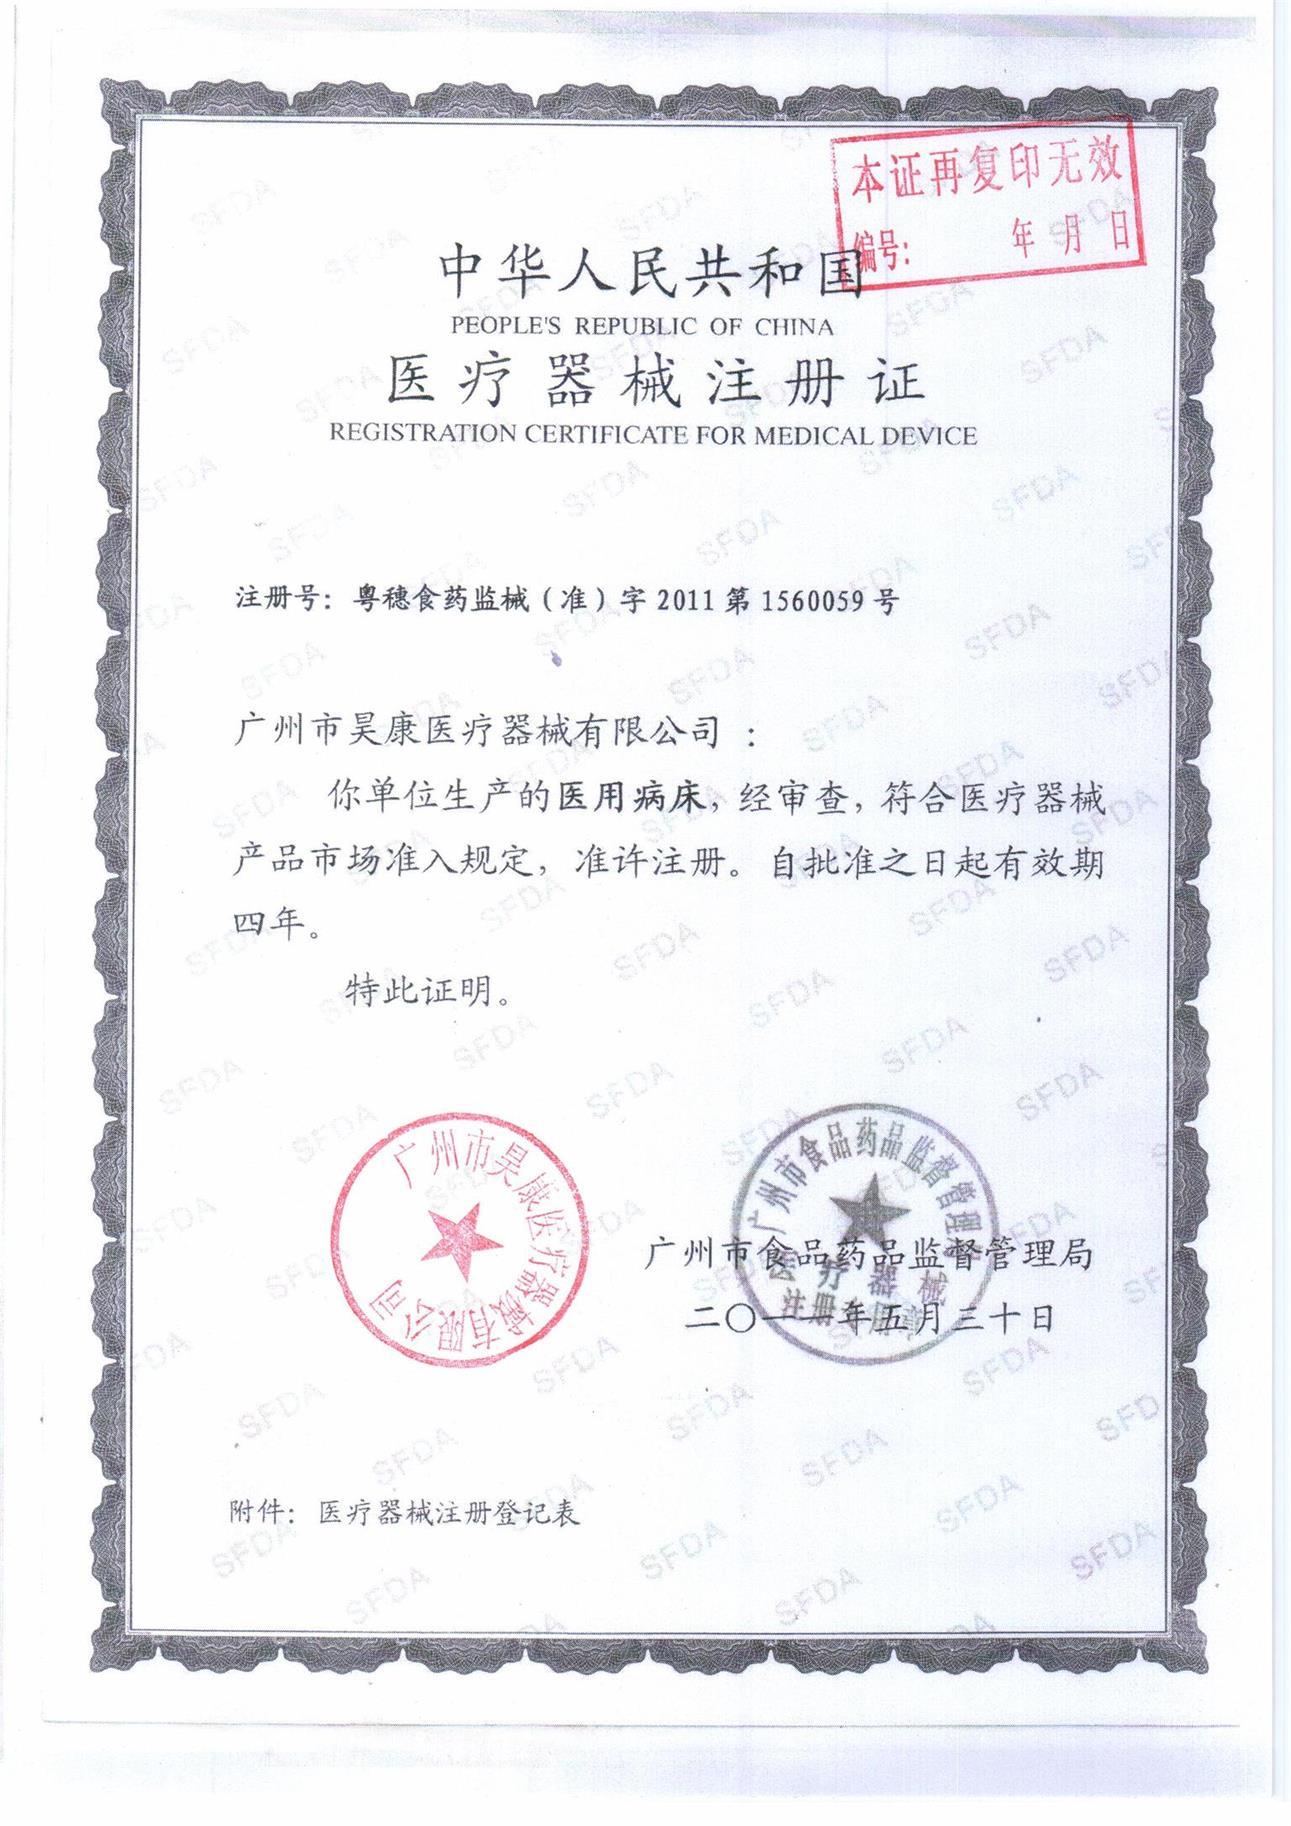 REGISTRATION CERTIFICATE FOR MEDICAL BED